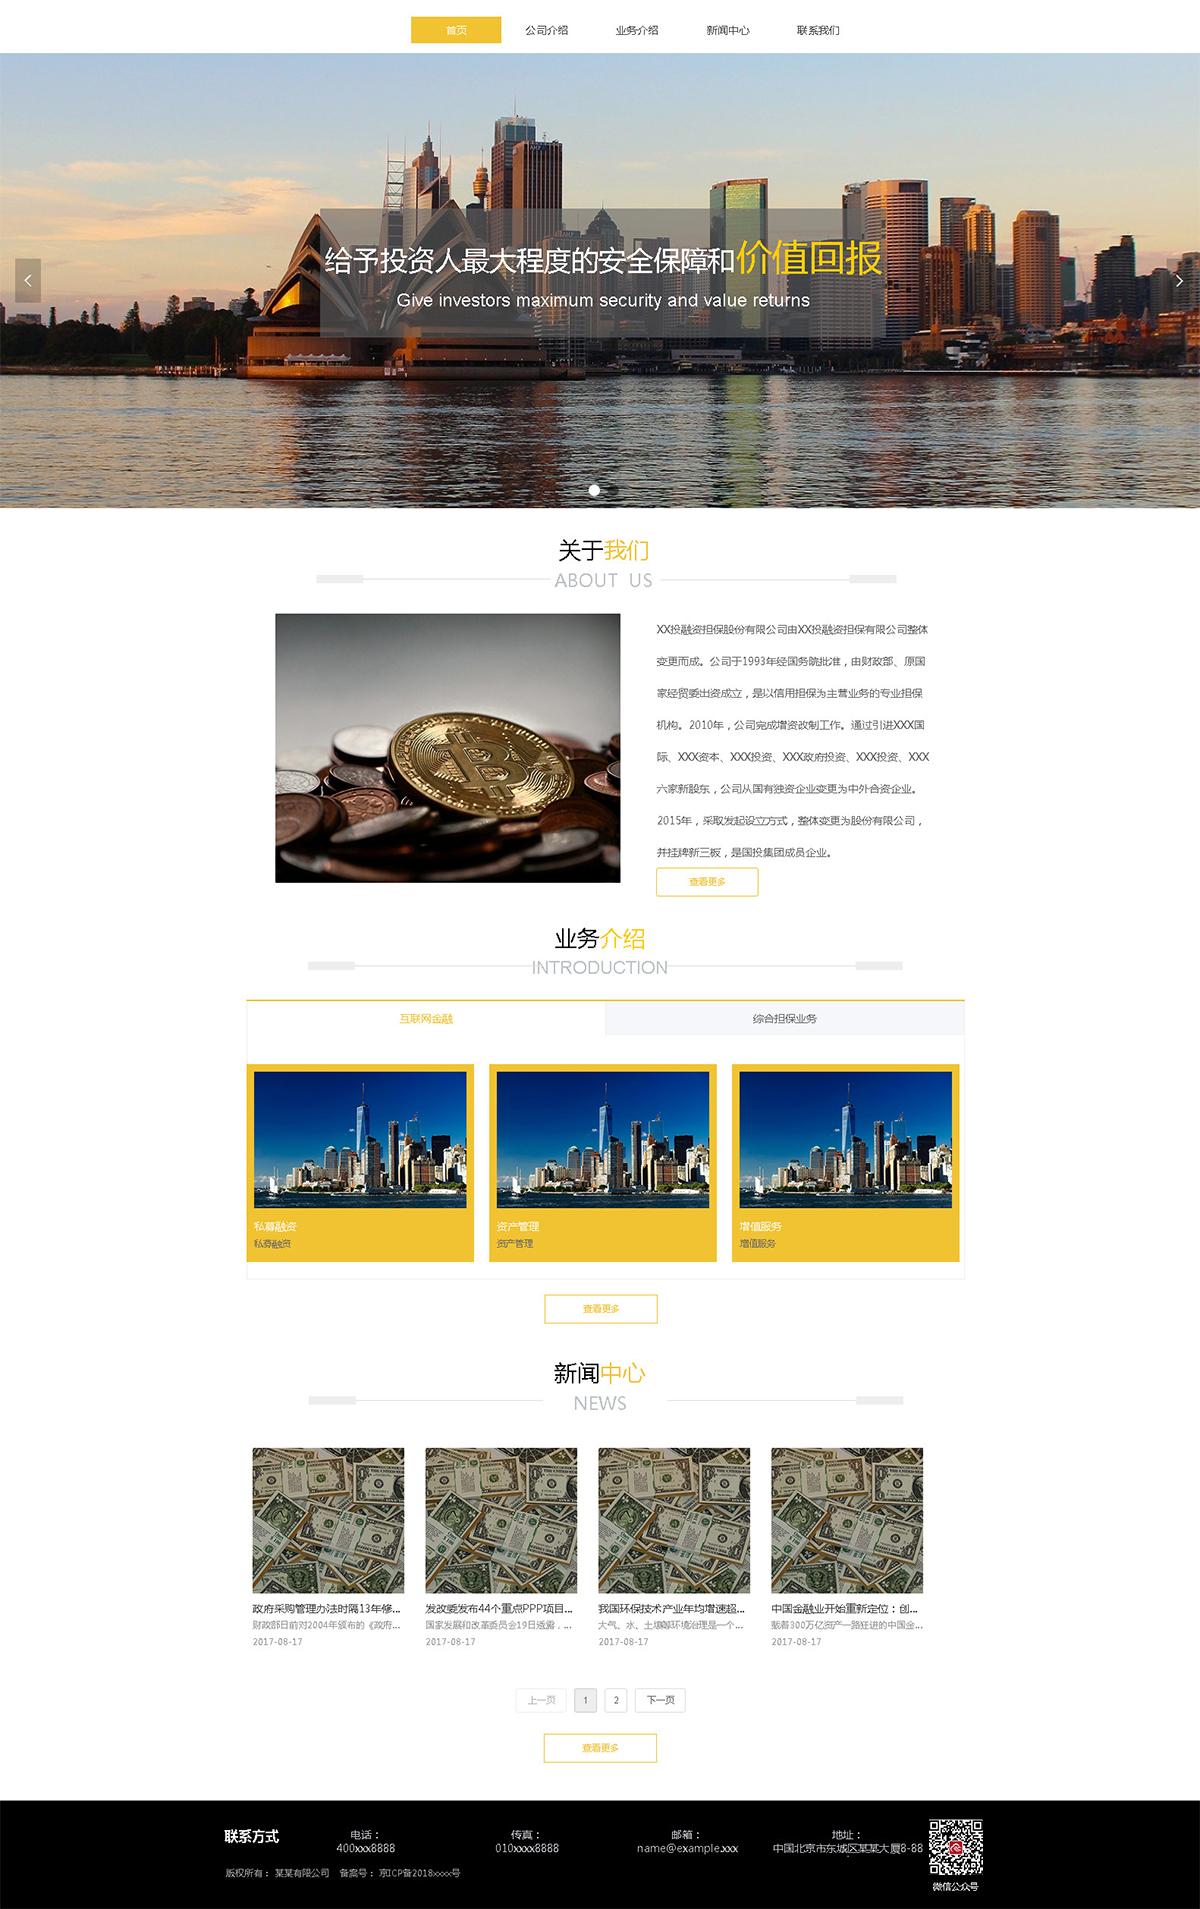 投资网站建设案例UI界面